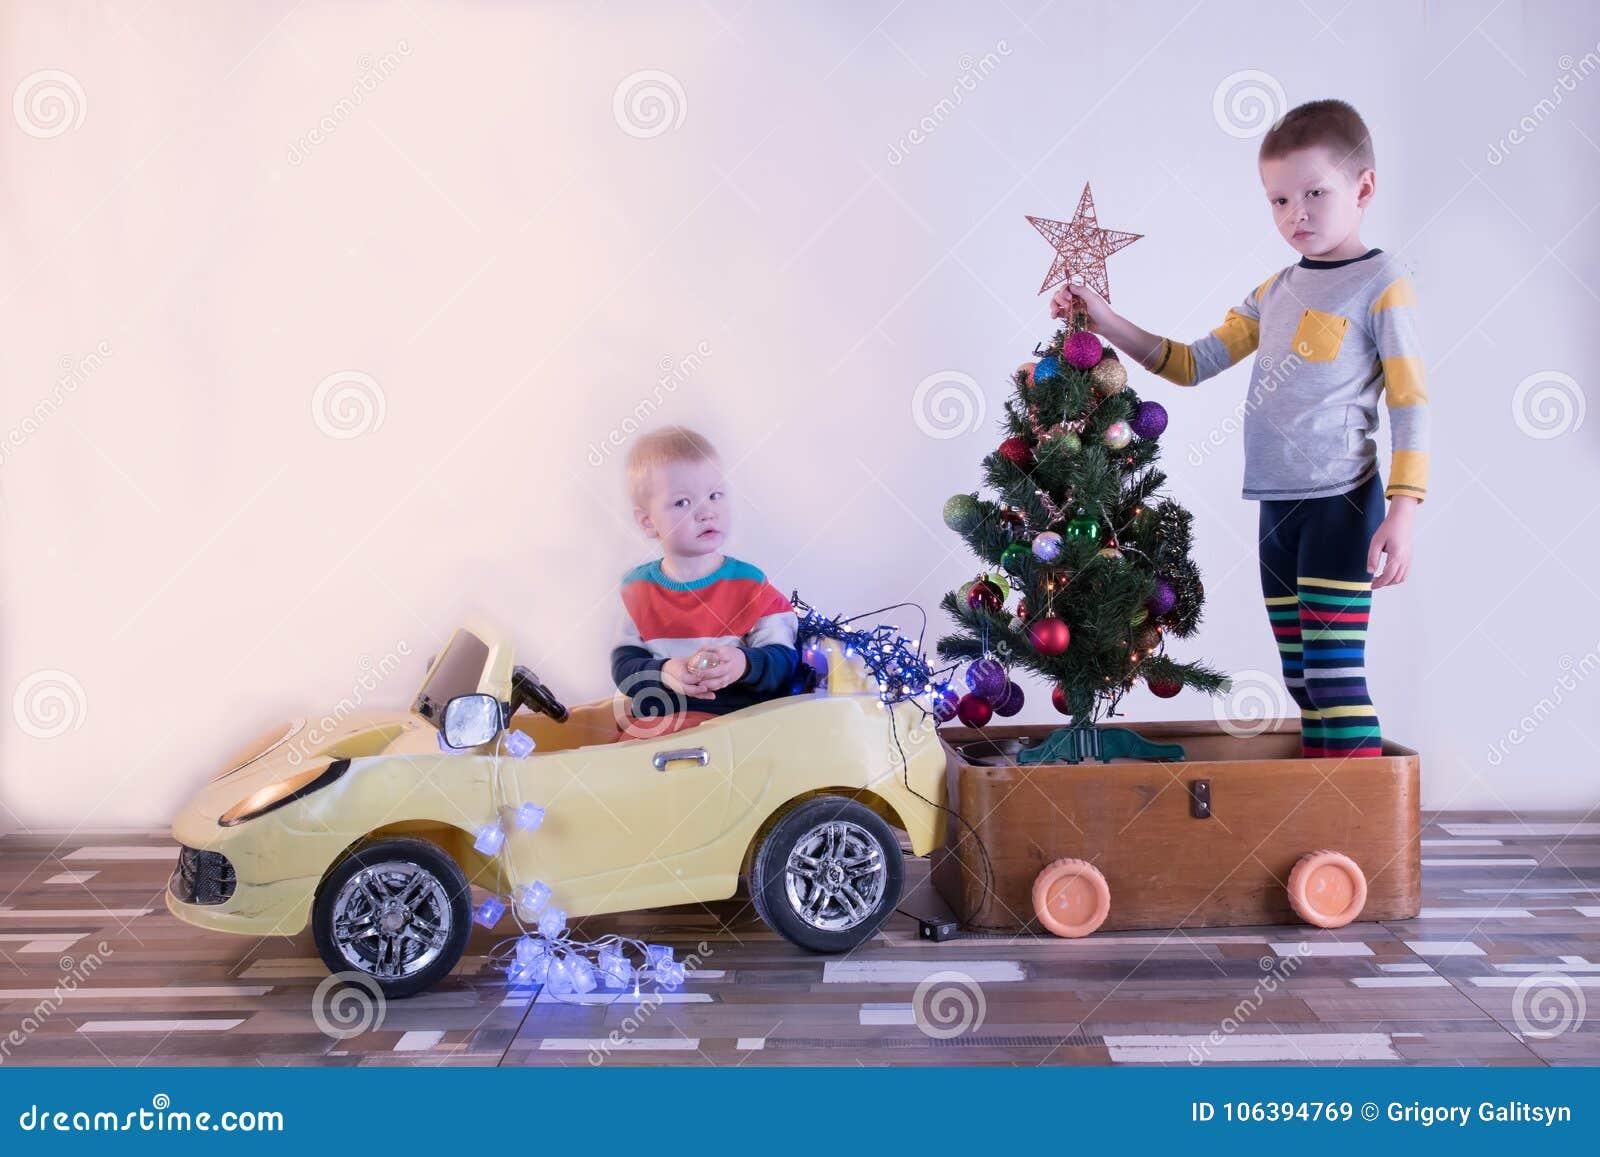 Jouet Petit Drôle Badine La Voiture De Conduire Le Avec Sourire L nNvm0w8O